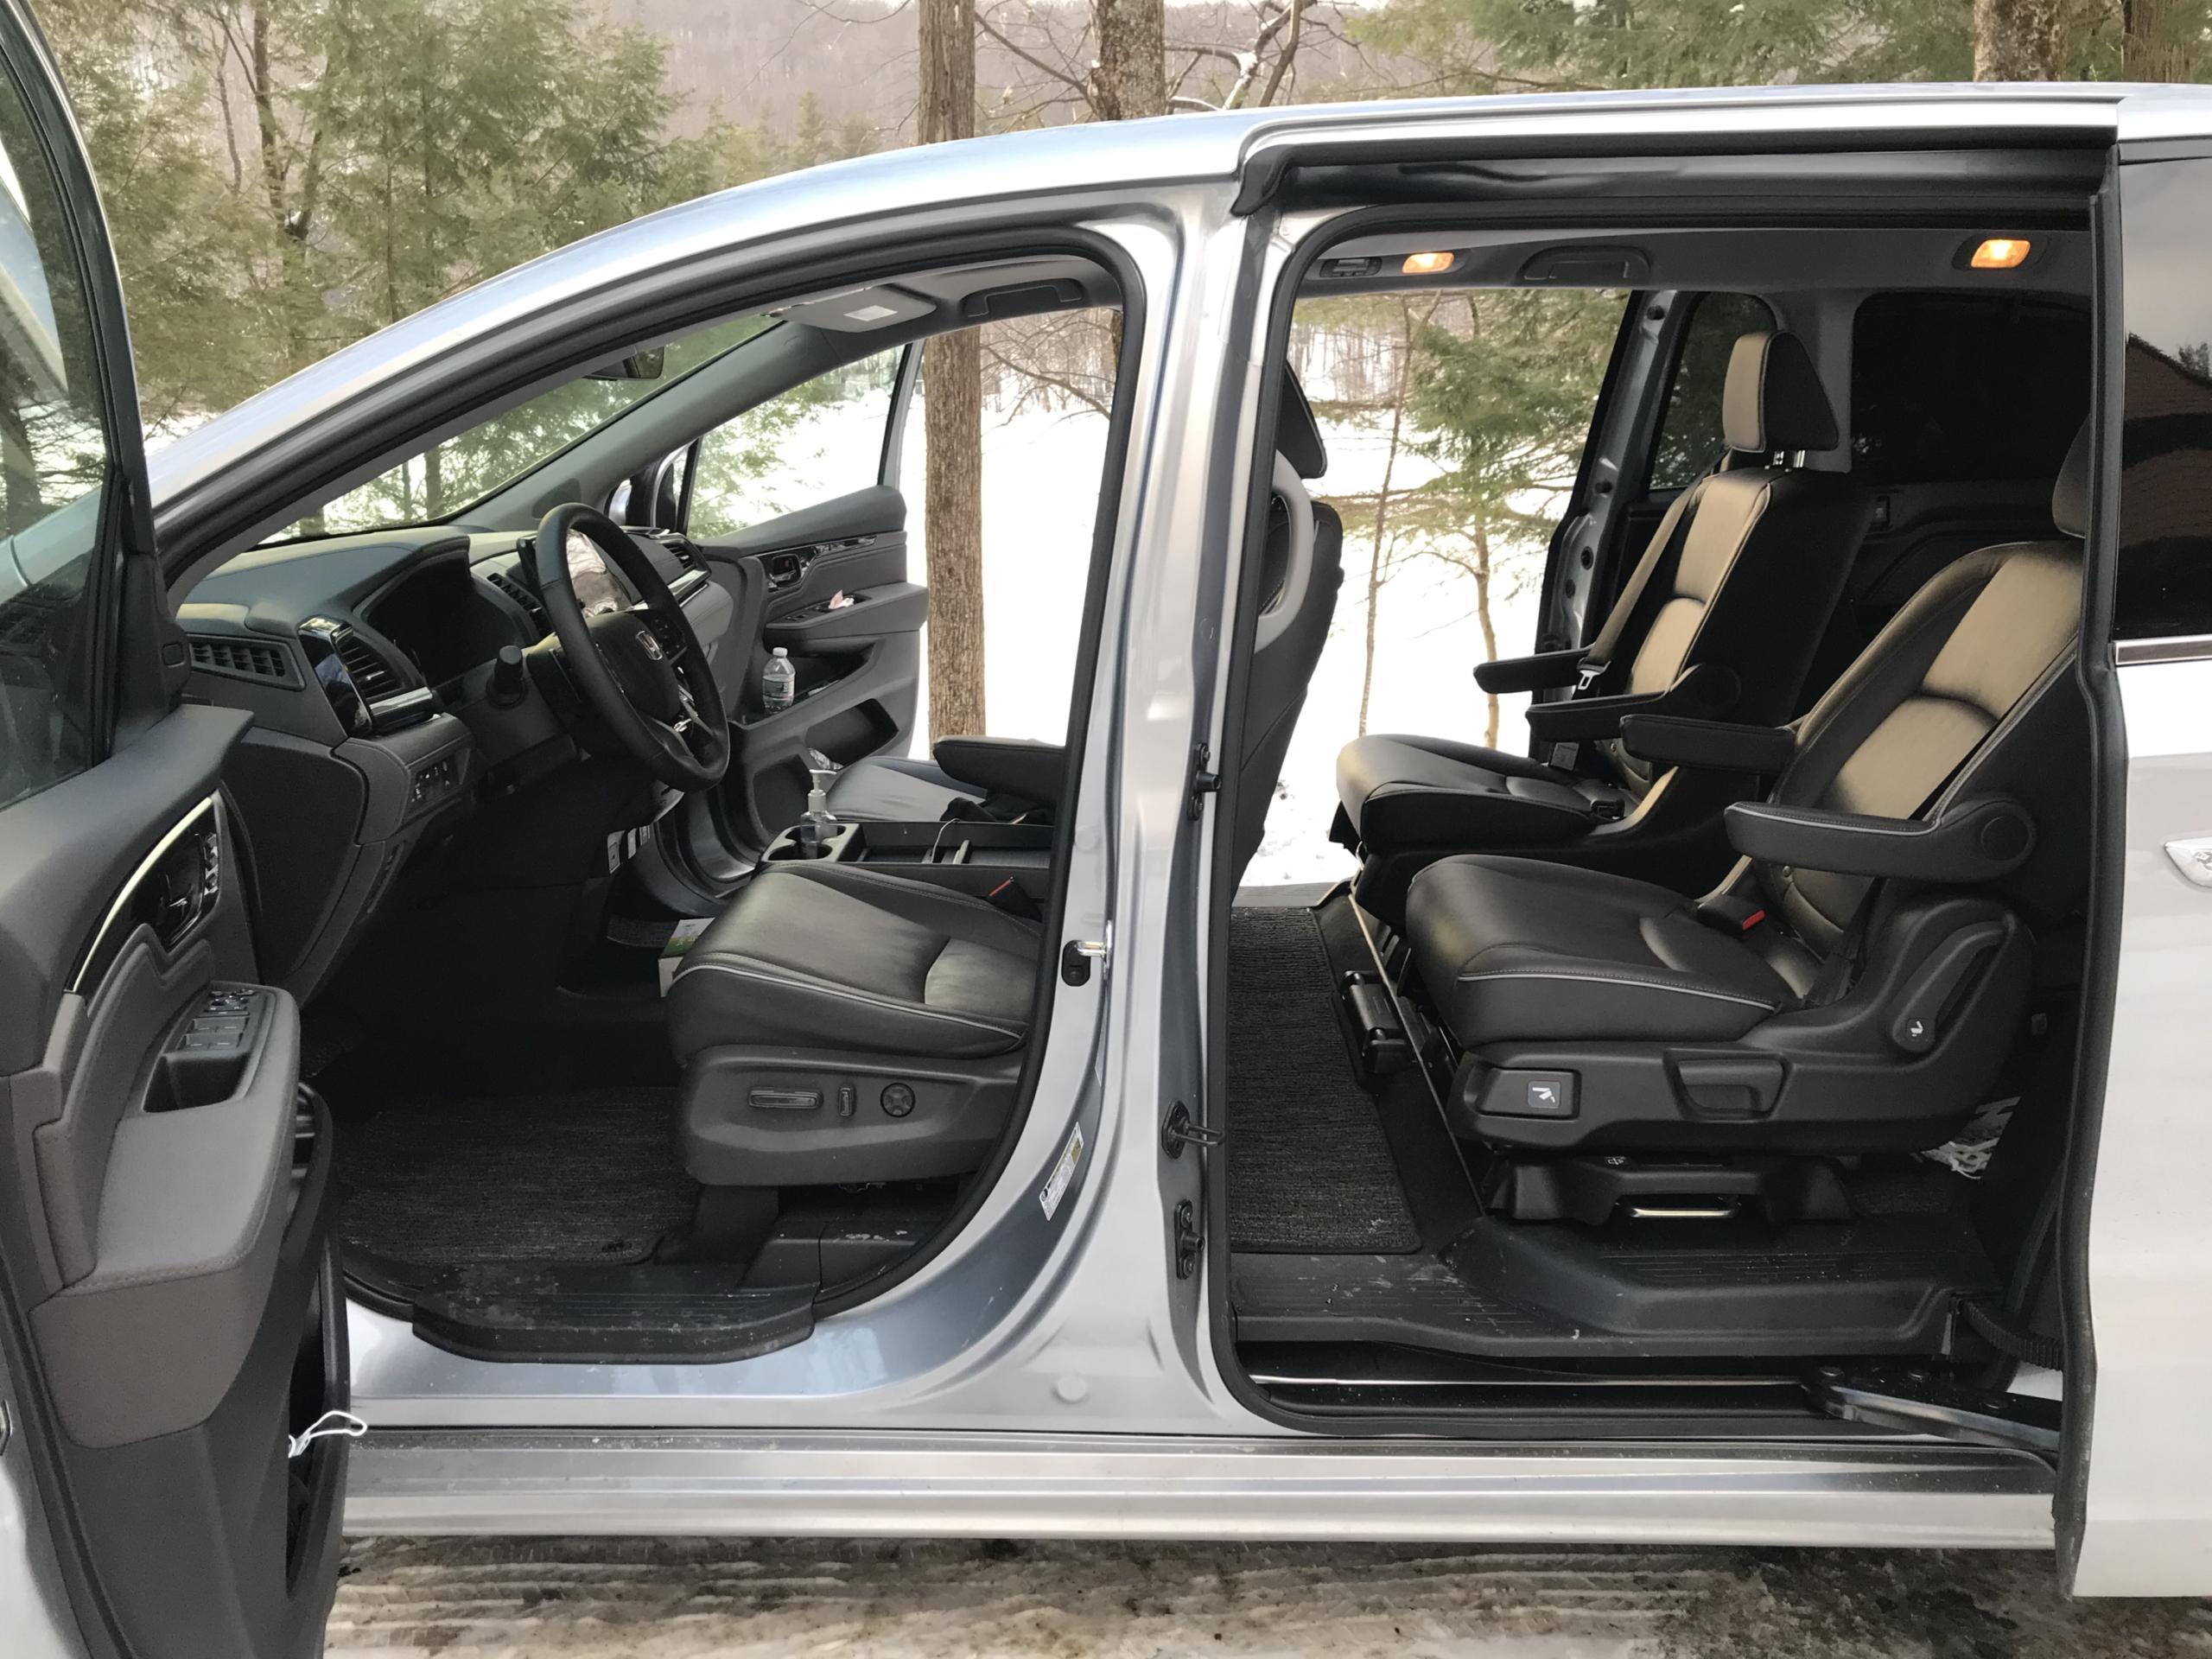 2021 honda odyssey elite doors open